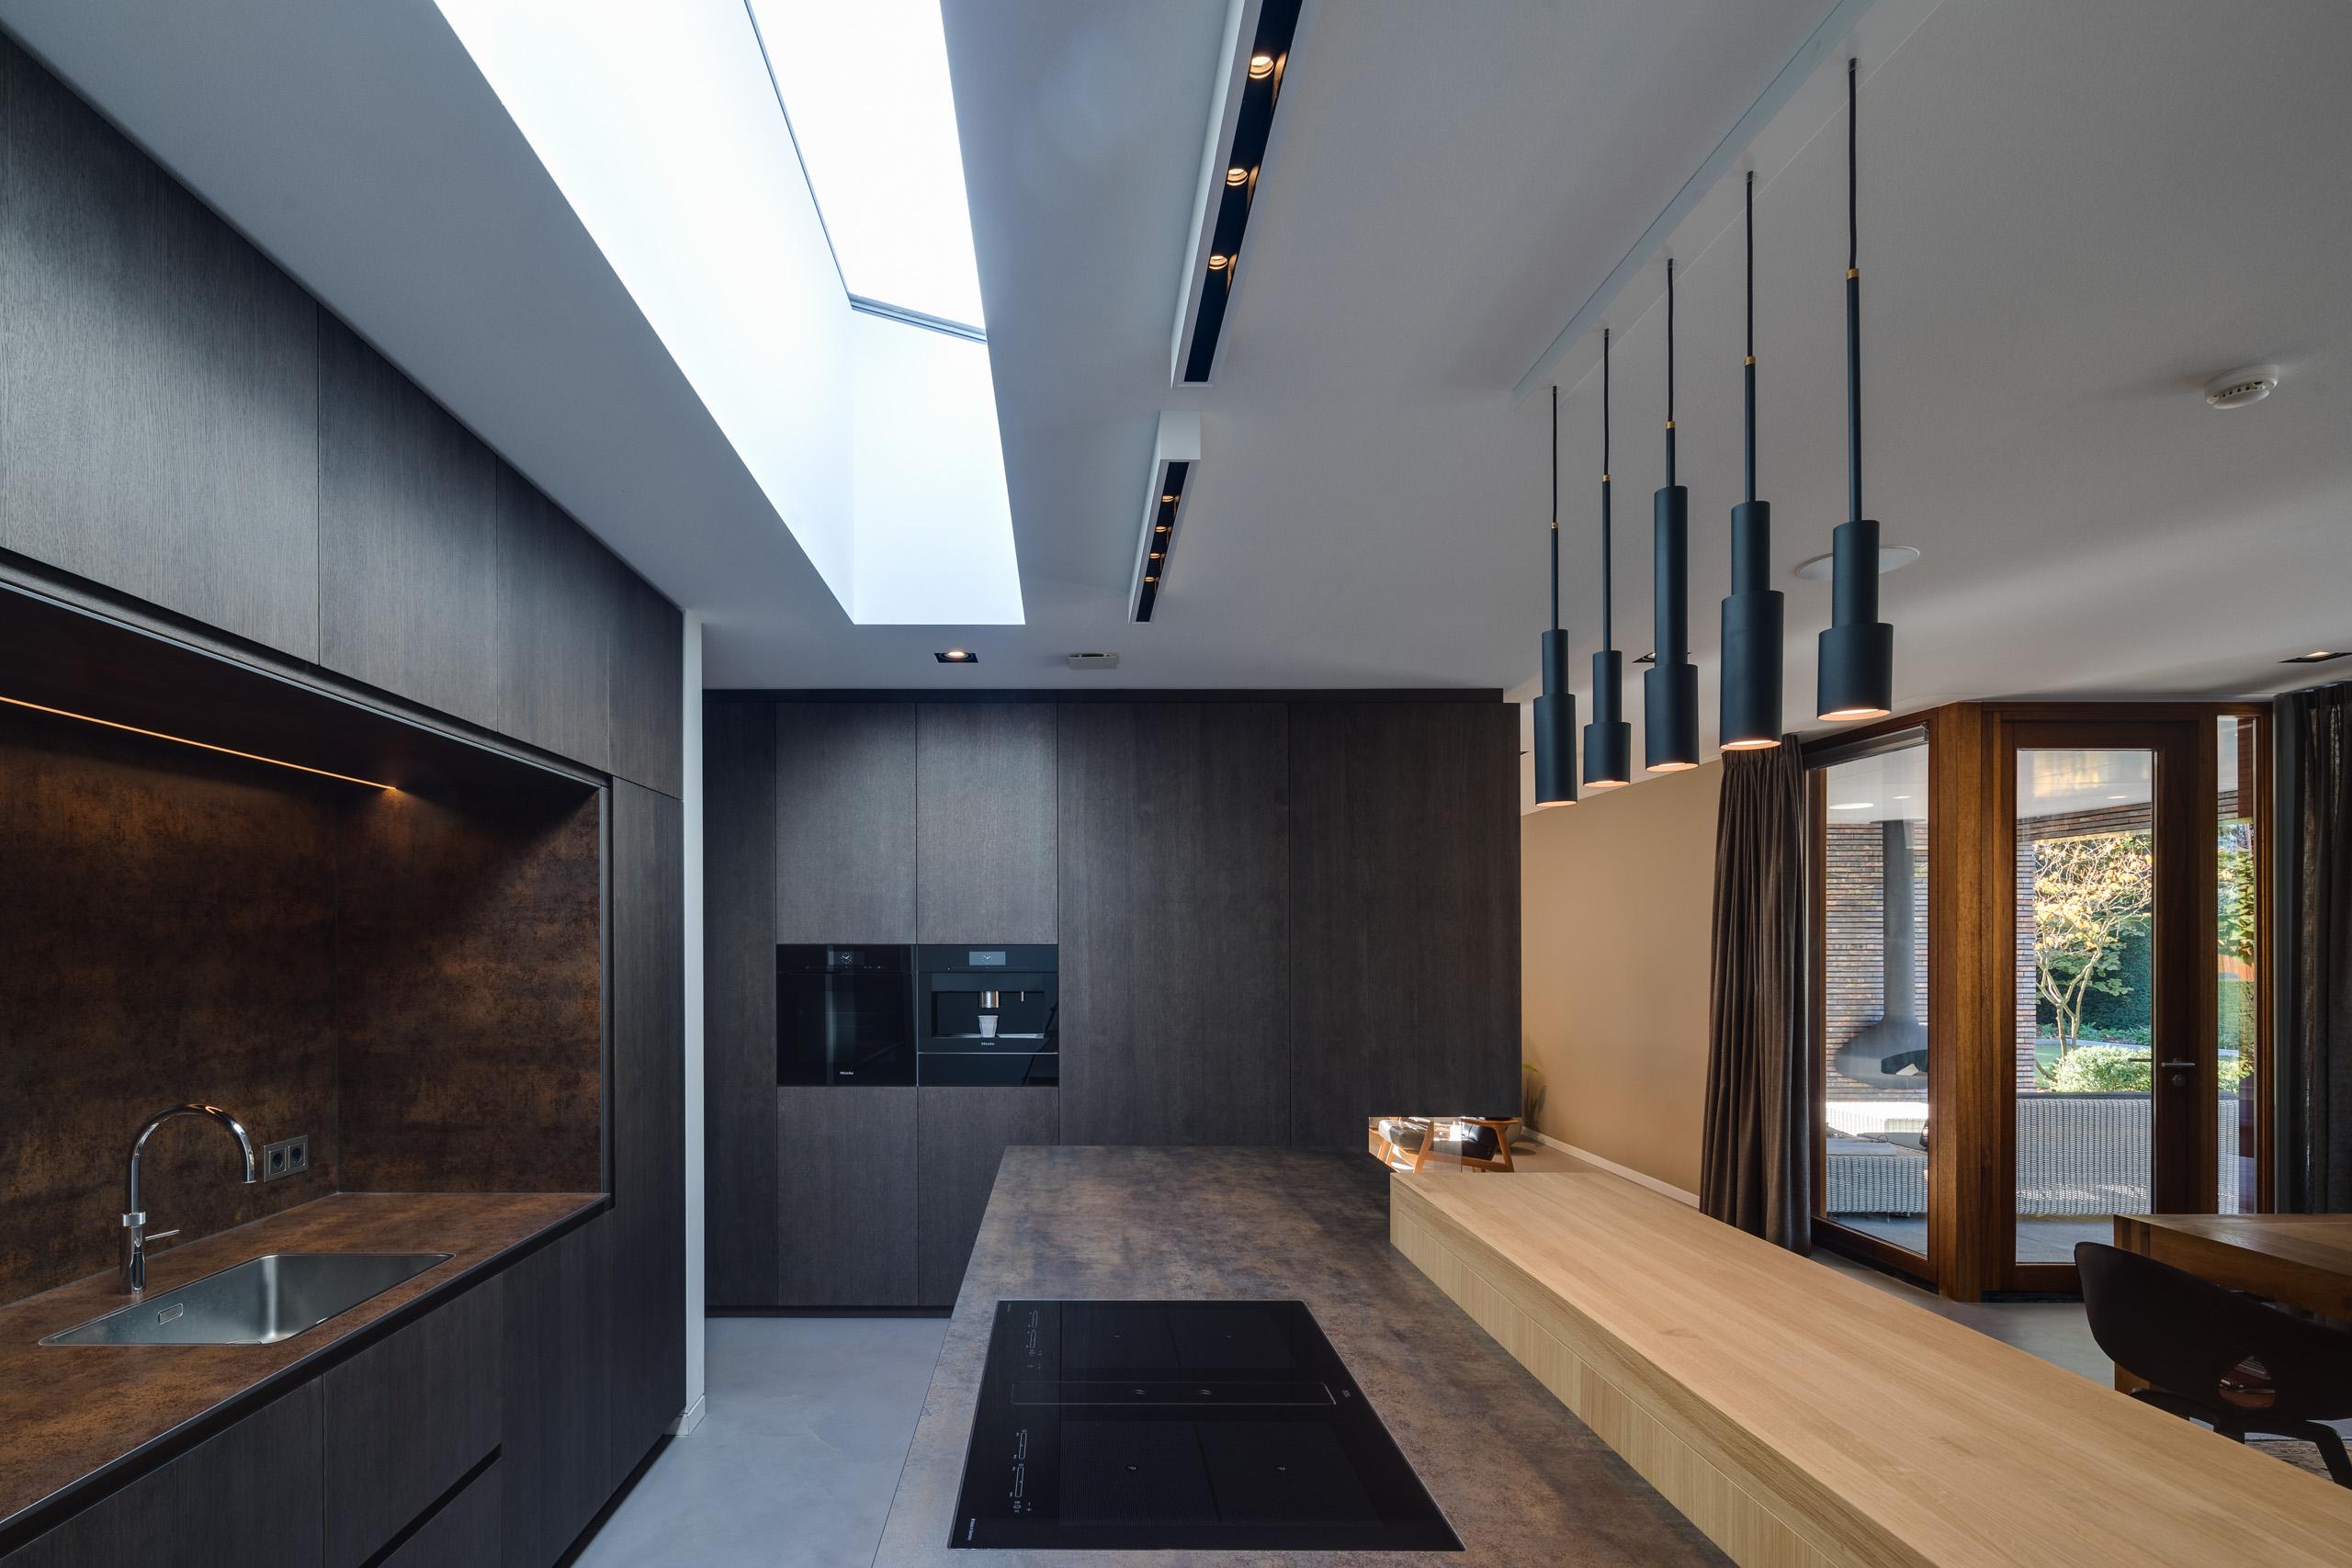 <p>keuken</p>